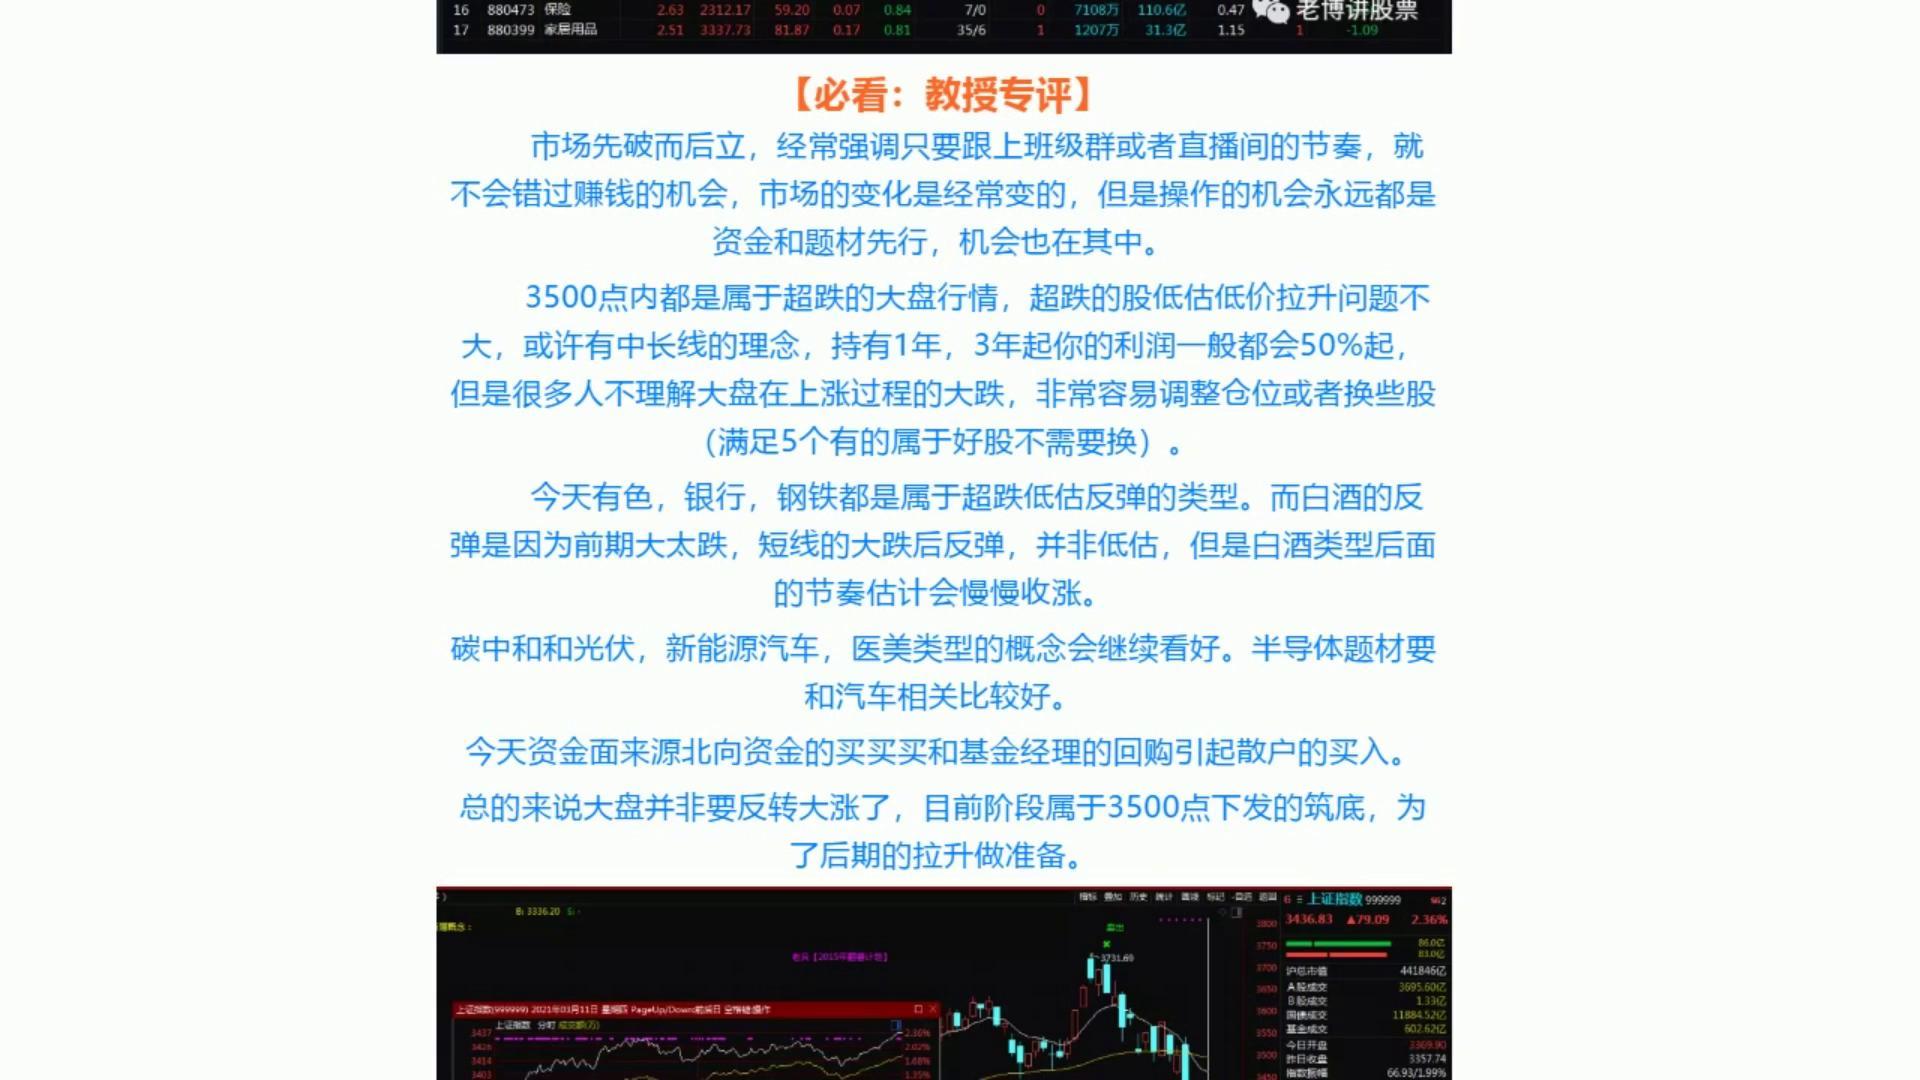 精品炒股-股票妖股检测仪次日涨停爆赚三形态(26)